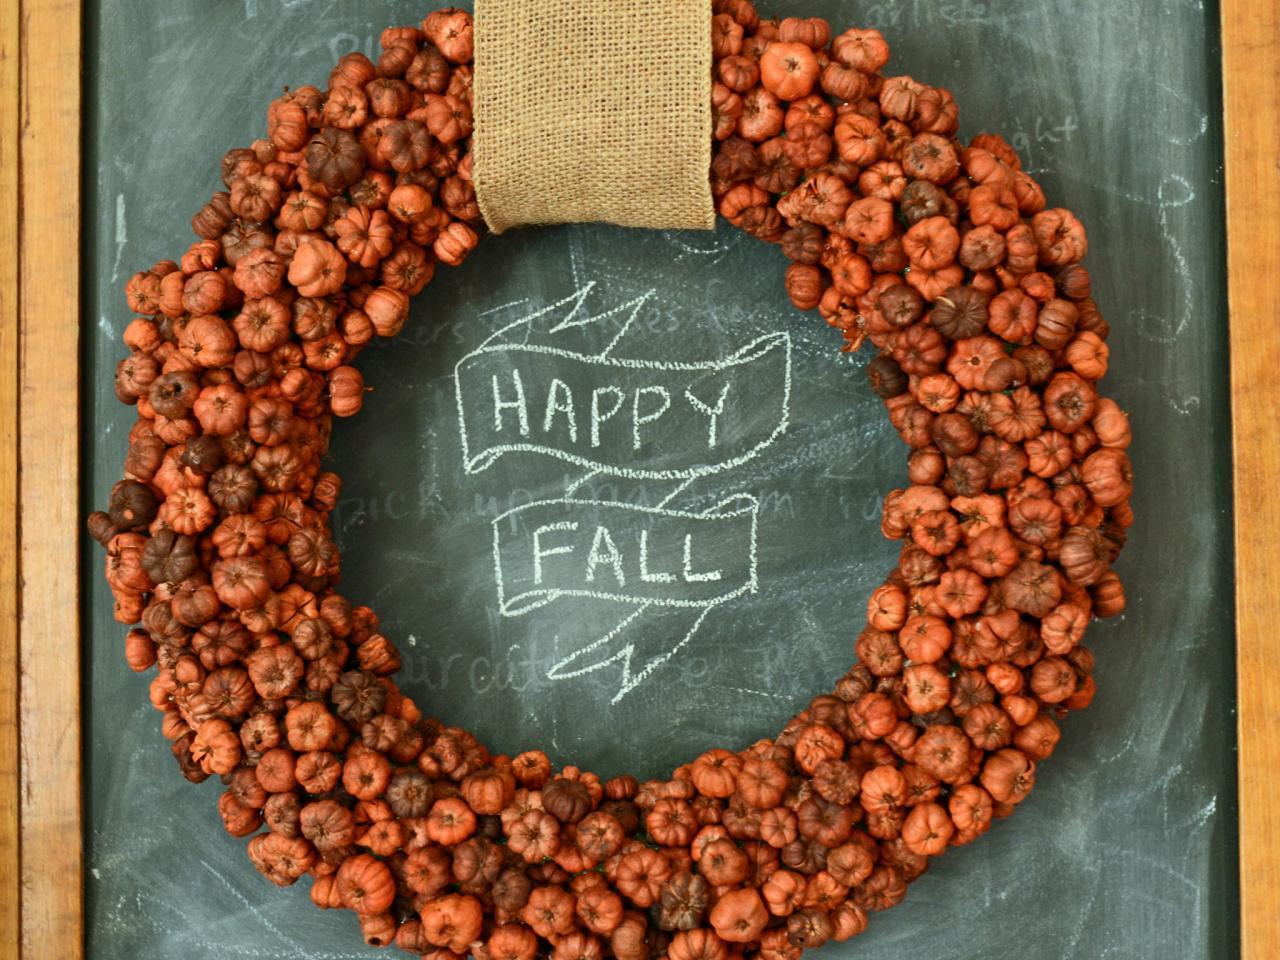 fun_activities_outdoor_fall_wreaths_front_door_78_outdoor_wreaths_for_front_door_uk__rustic_mini_pumpkin_wreath